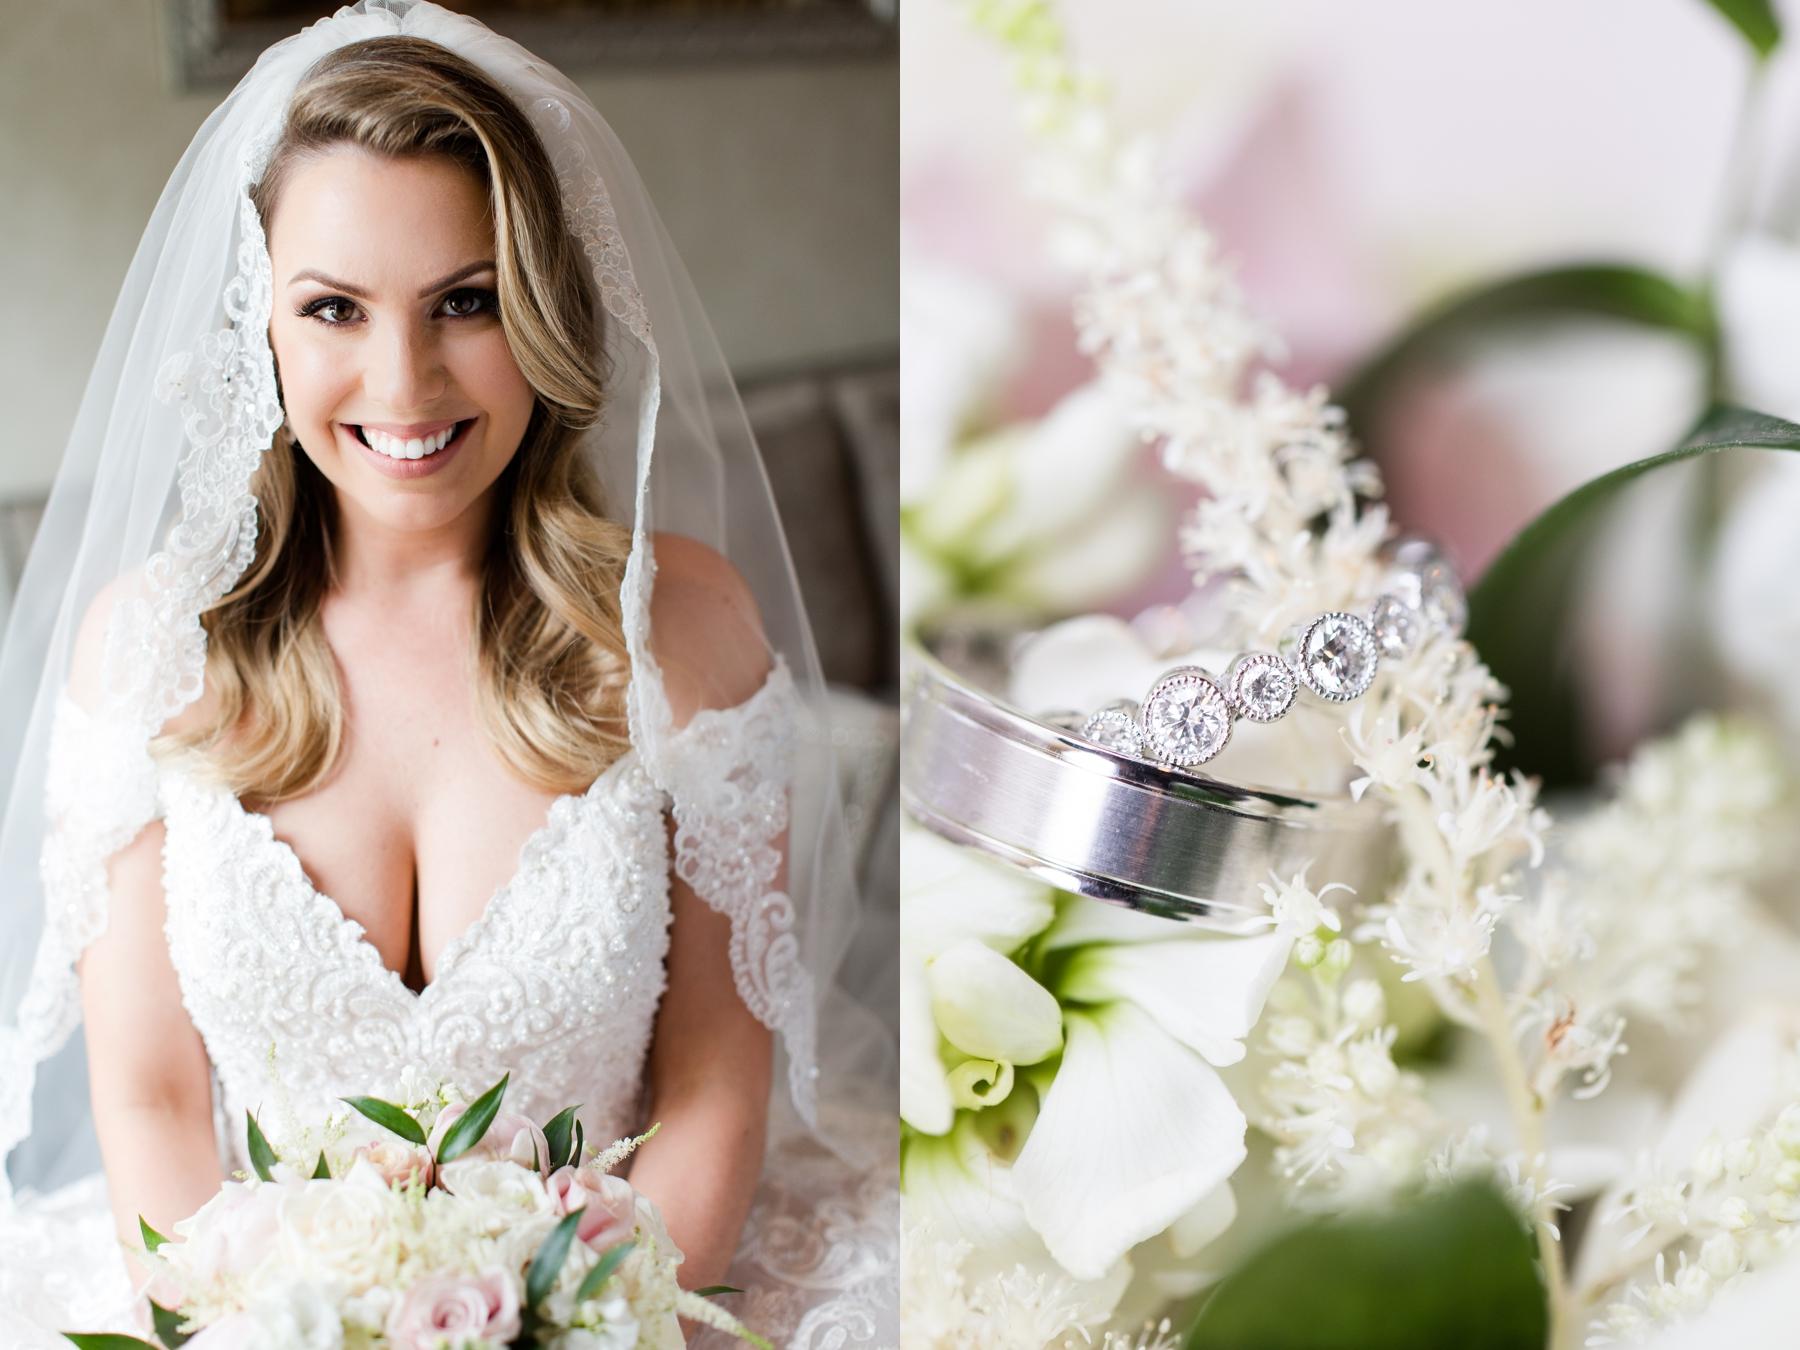 Tina Photoshoot – wedding at English Manor NJ